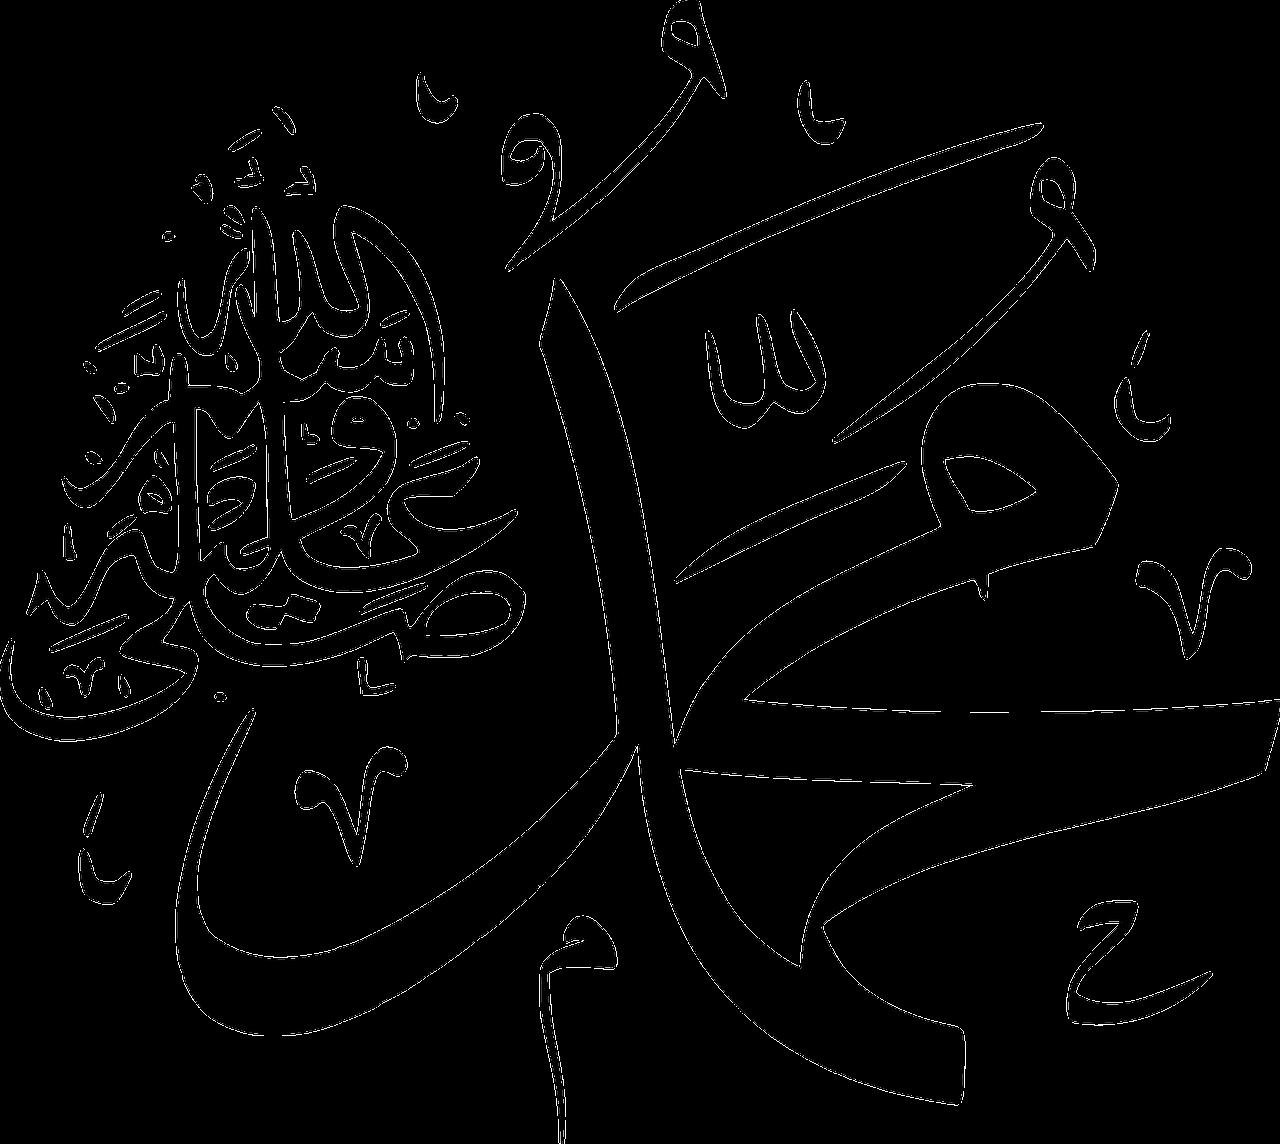 سيرة النبي محمد صلى الله عليه وسلم الشخصية , سيرة الرسول محمد صلى الله عليه وسلم , سيرة النبي محمد صلى الله عليه وسلم منذ ولادته , كل شيء عن الرسول صلى الله عليه وسلم , معلومات عن محمد رسول الله , مسيرة النبي محمد صلى الله عليه وسلم , سيرة الرسول صلى الله عليه وسلم كاملة , سيرة الرسول مختصرة ,السيرة النبوية,صلى الله عليه وسلم,الله,محمد,الرسول,مولد النبي,عليه,محمد صلى الله عليه وسلم,النبي,وسلم,النبي محمد,رسول الله,الإسلام,السعودية,سيدنا محمد,القرآن,الاسلام,المسلمين,عام الفيل,الشيخ,العوضي,النبي صلى الله عليه وسلم,المولد النبوي